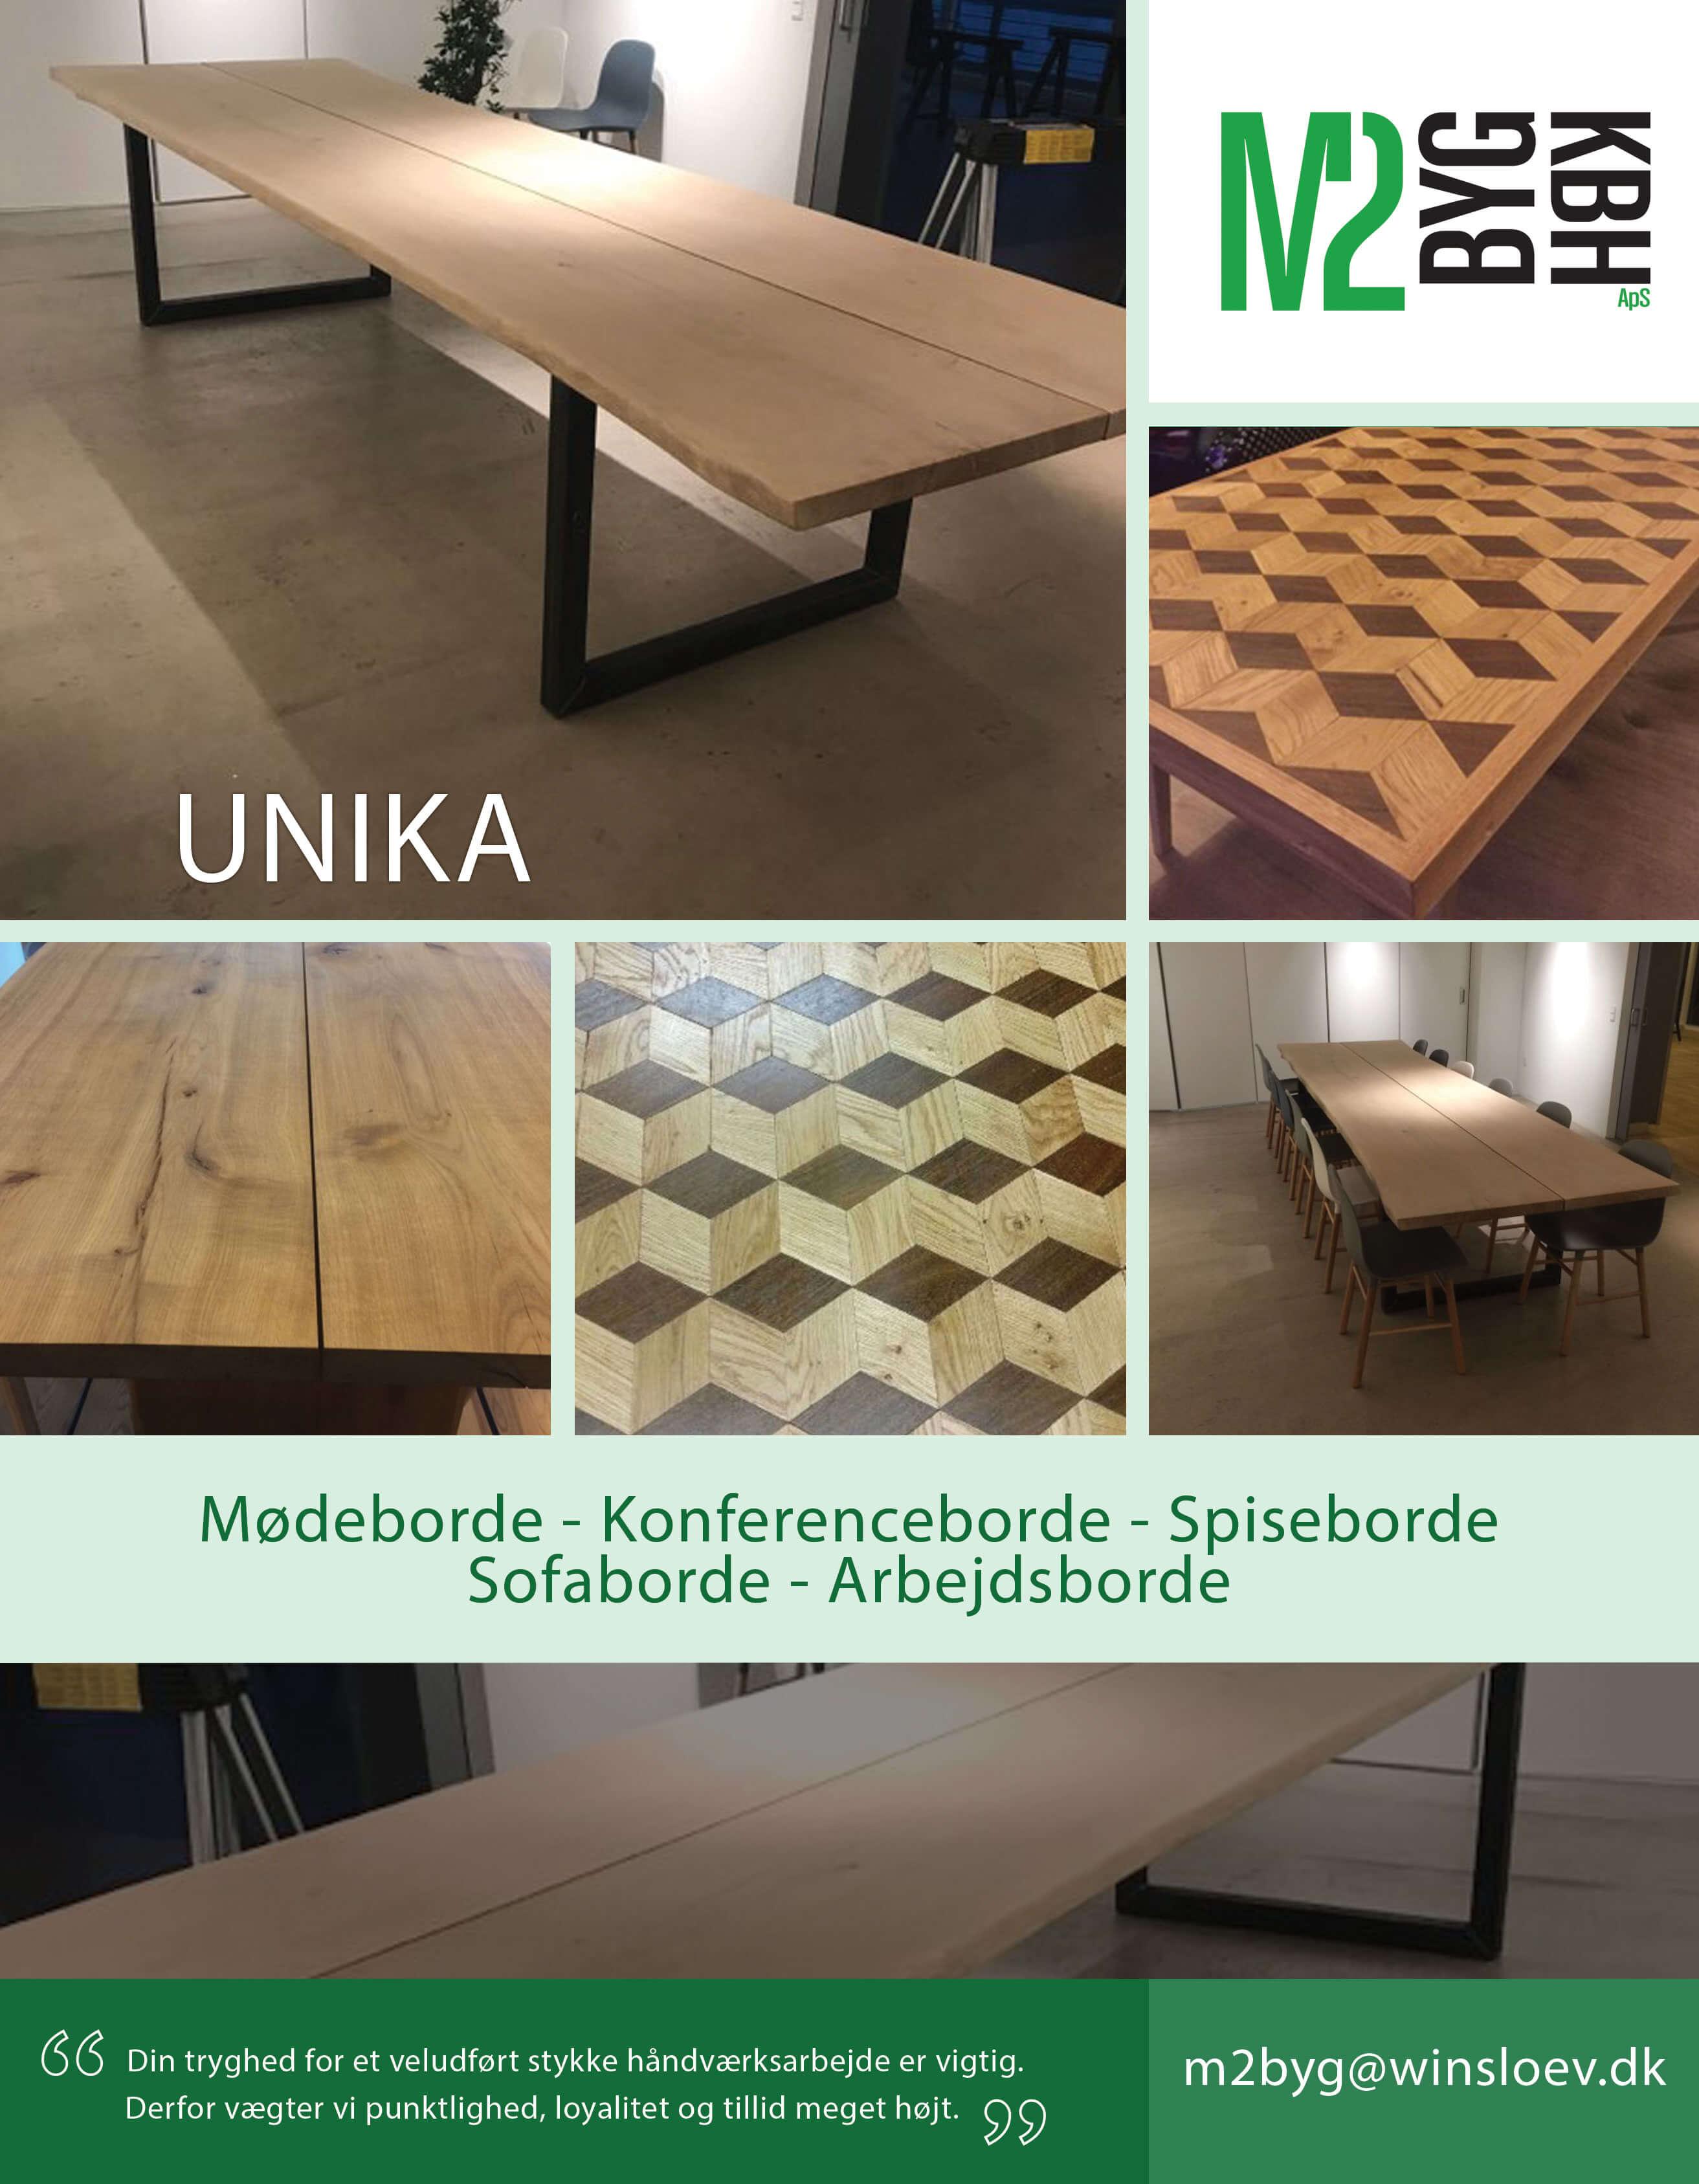 Special byggede borde, Håndlavede borde, Mødeborde, Konferenceborde, Spiseborde, Sofaborde, Arbejdsborde